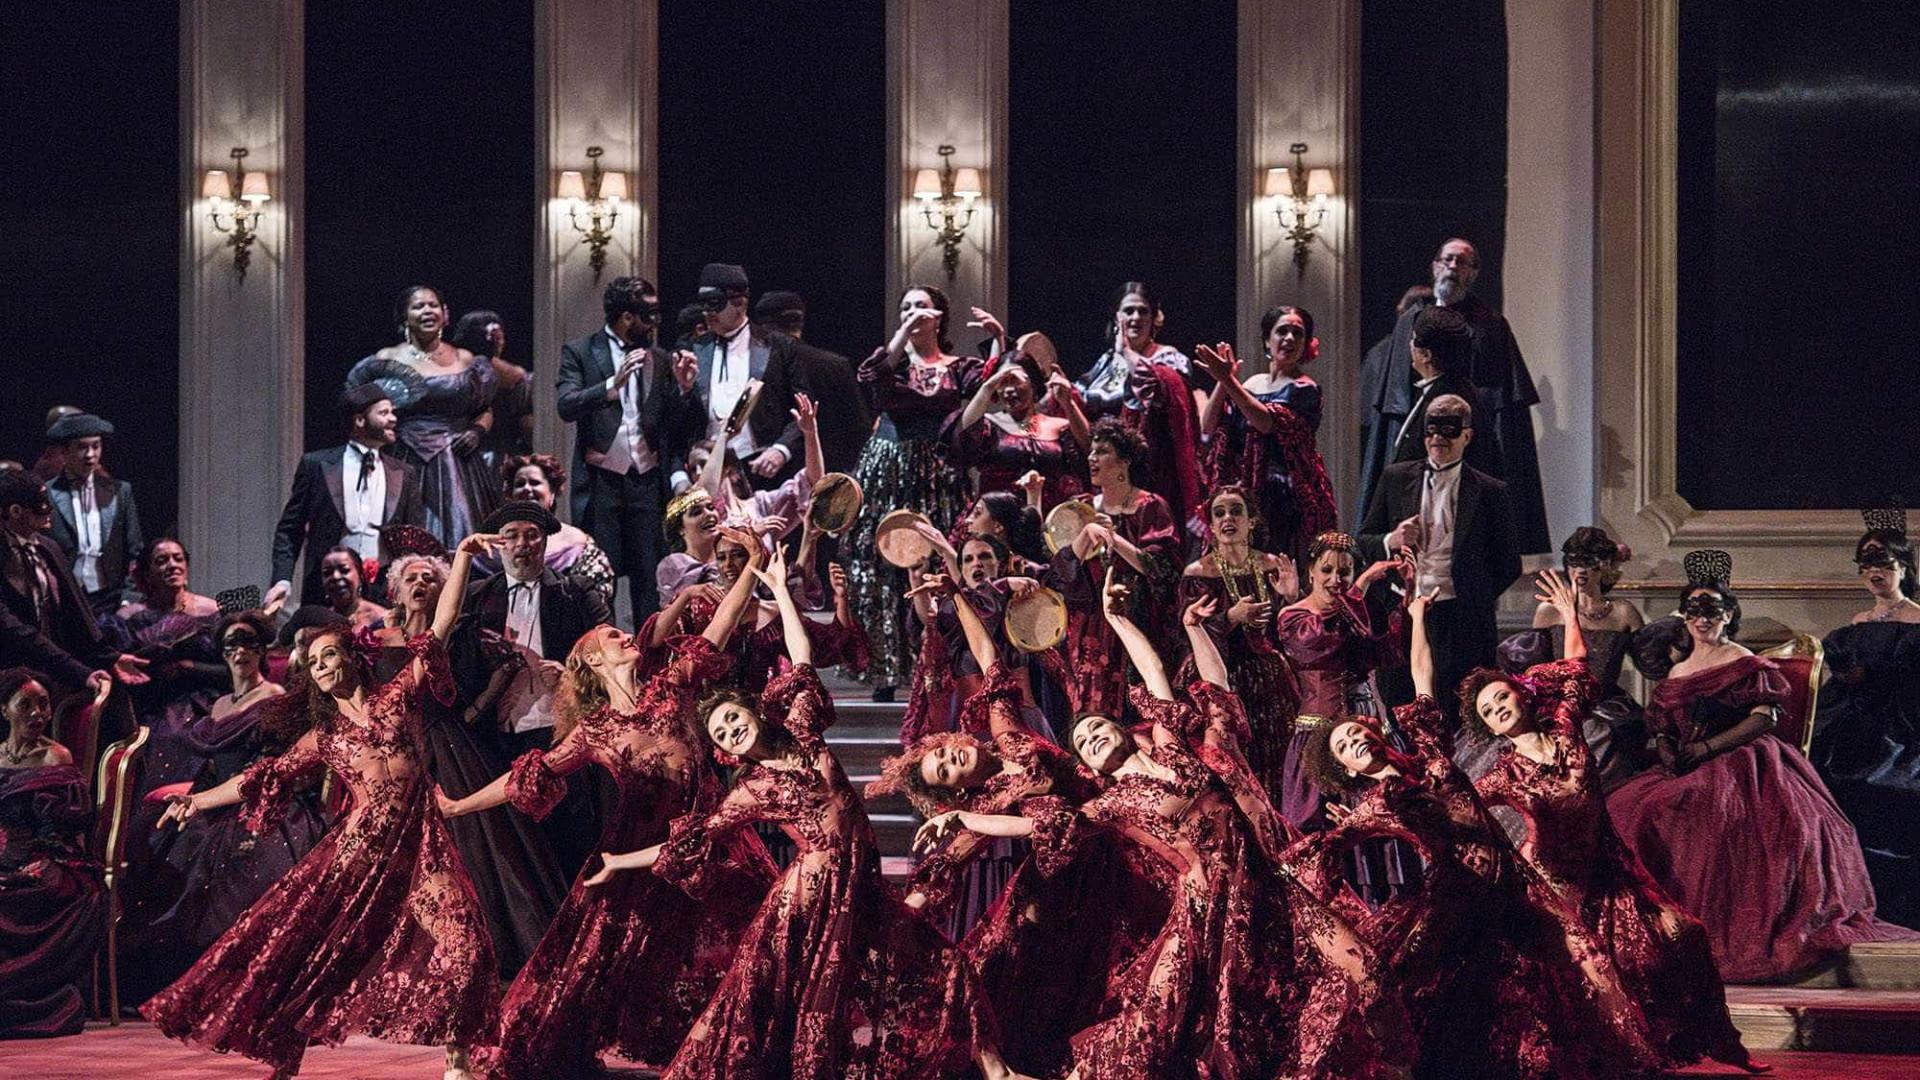 Ópera 'La Traviata' estreia em SP com direção segura e bom elenco